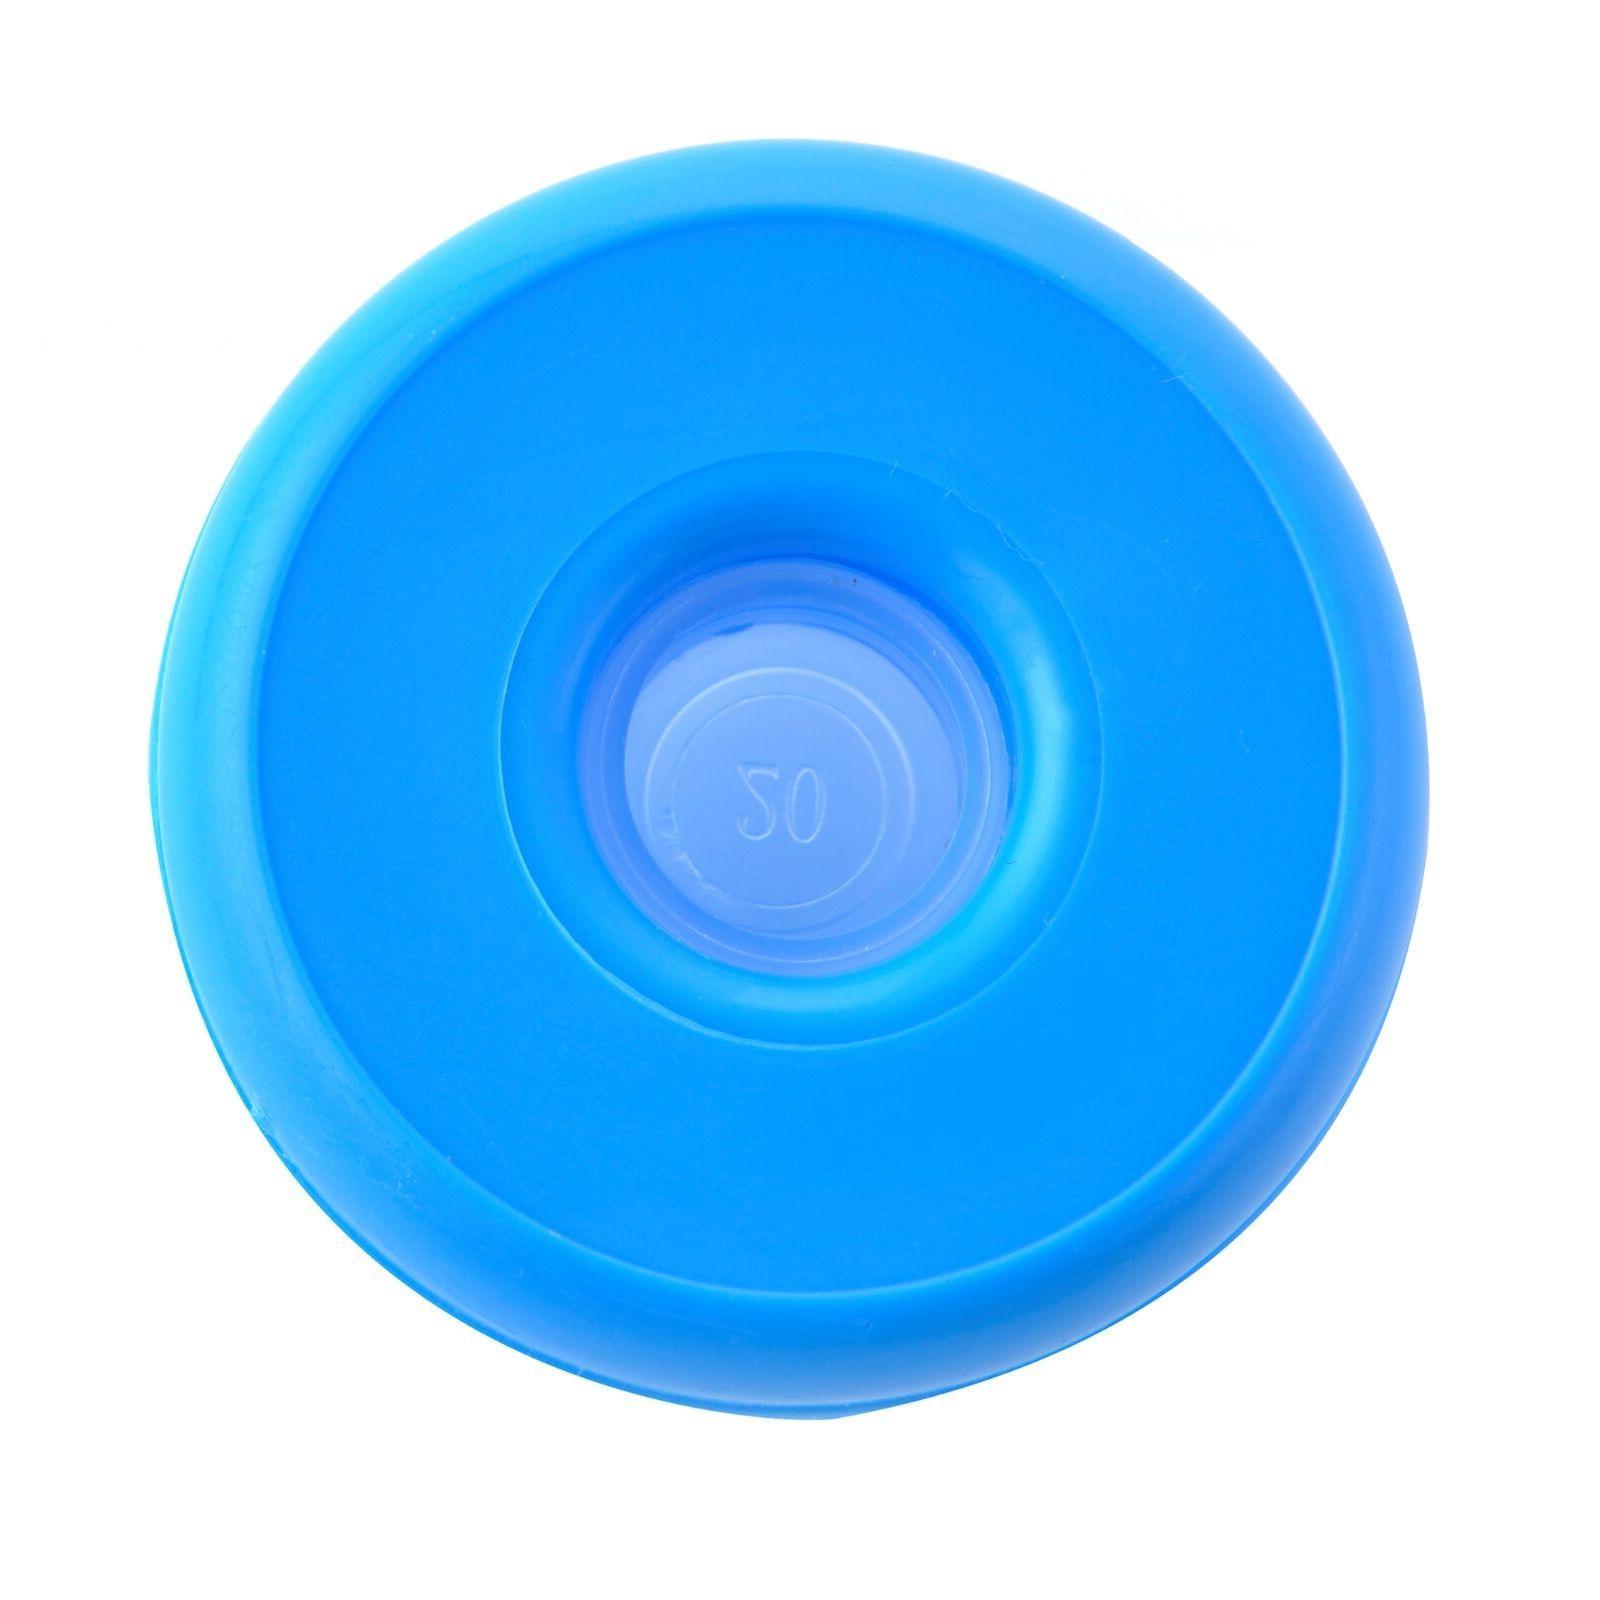 3 Water Premium Cooler BPA-FREE